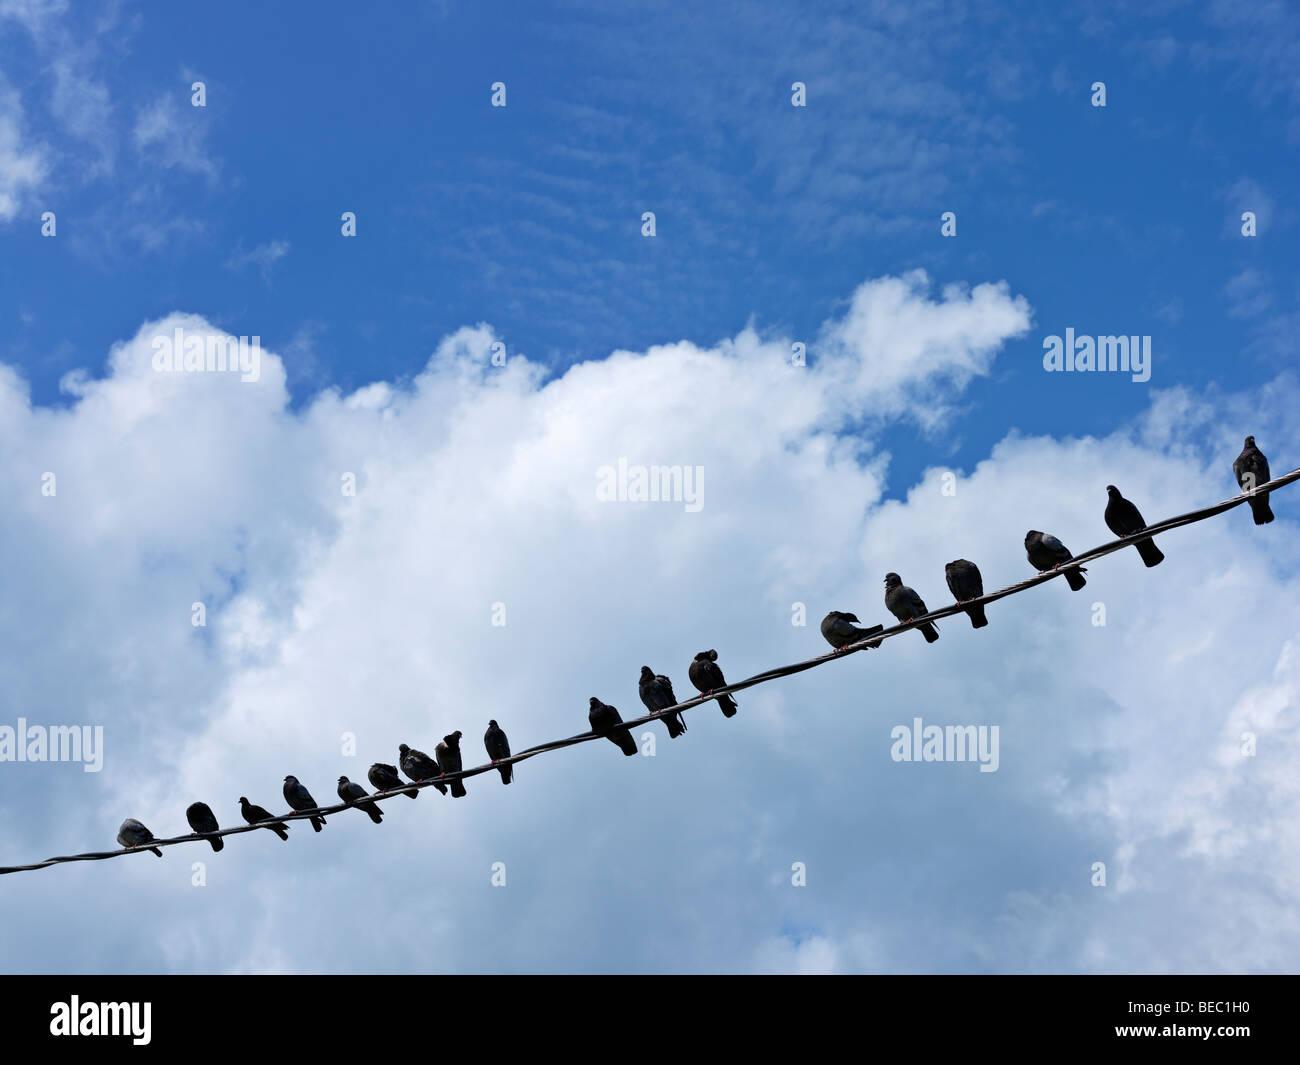 Rangée d'oiseaux sur un fil sur un ciel bleu et nuages blancs Photo Stock